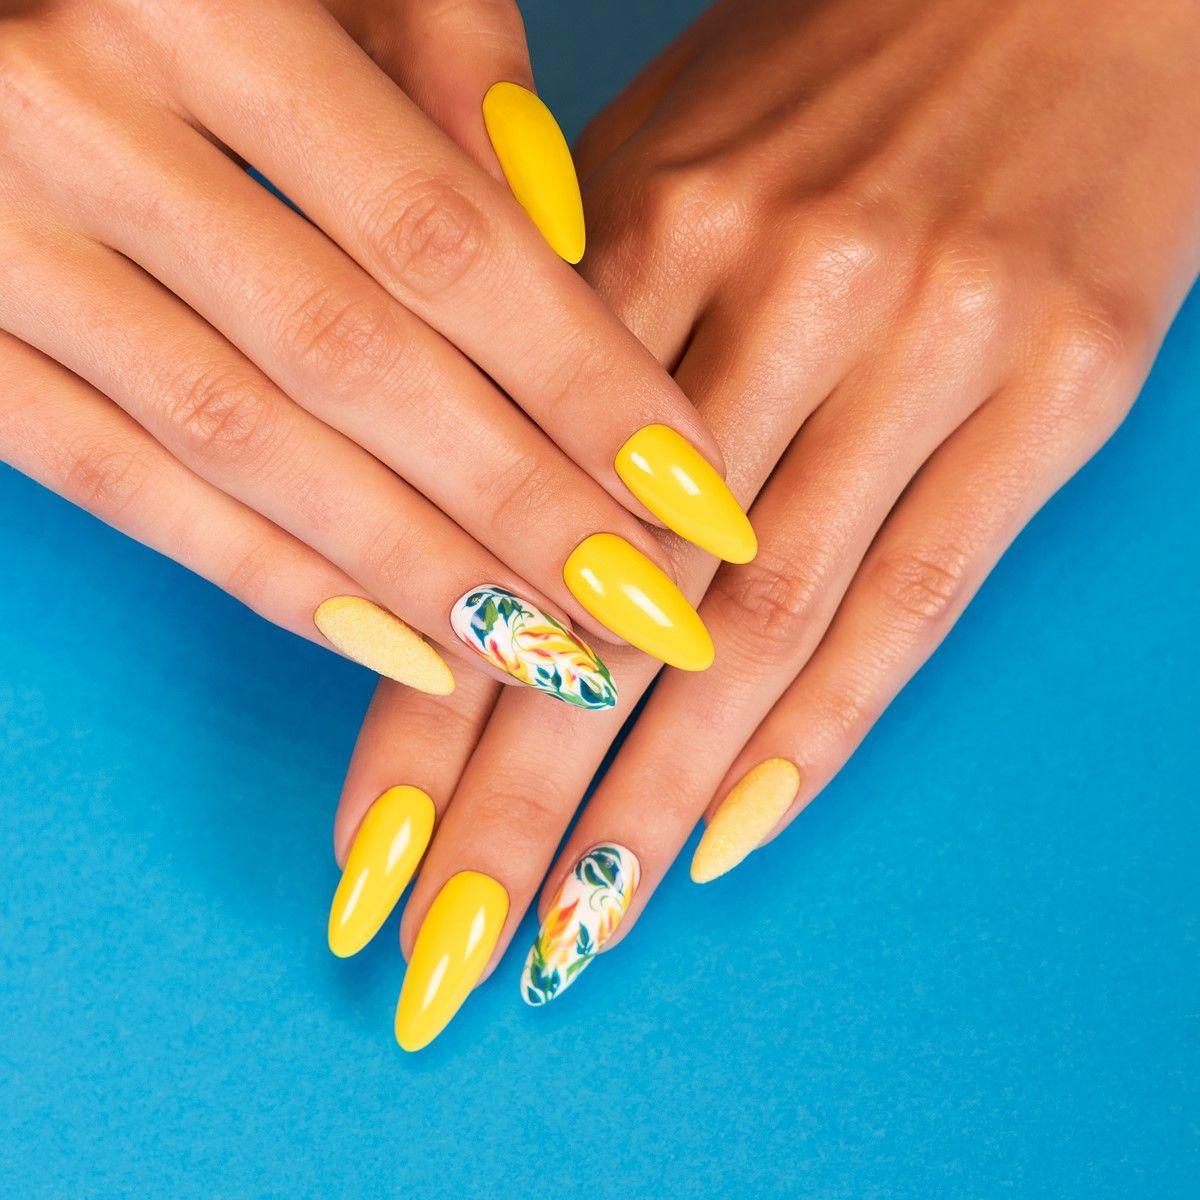 5 slonecznych paznokci na wakacje zolte paznokcie hybrydowe